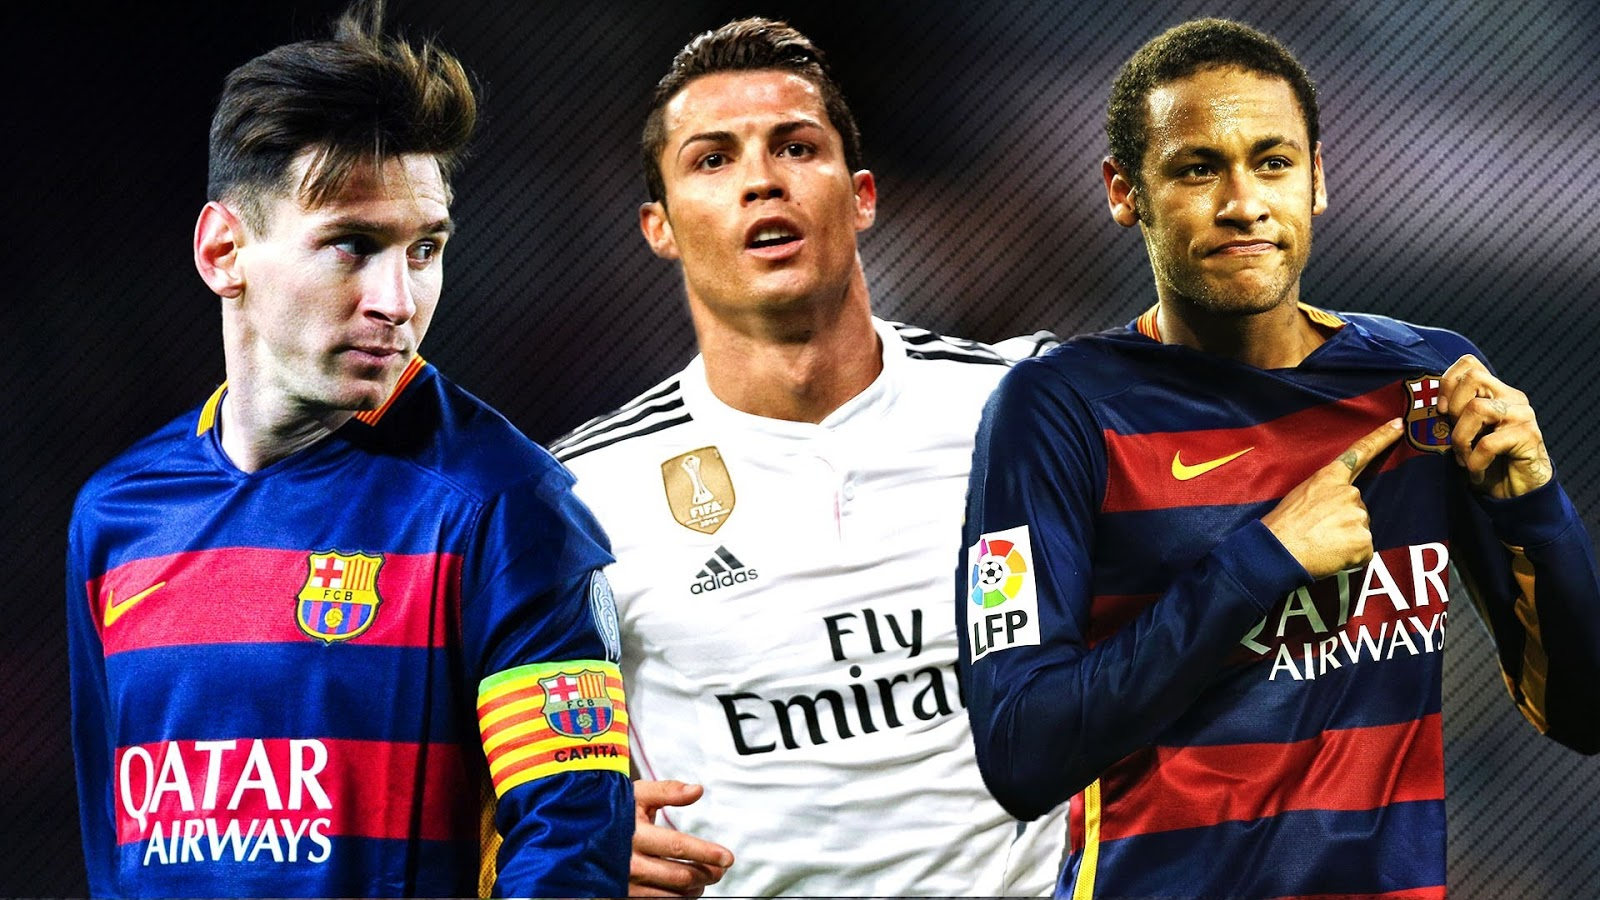 Berikut 11 Pemain Top Yang Masuk World 11 FIFA 2017 PELITA